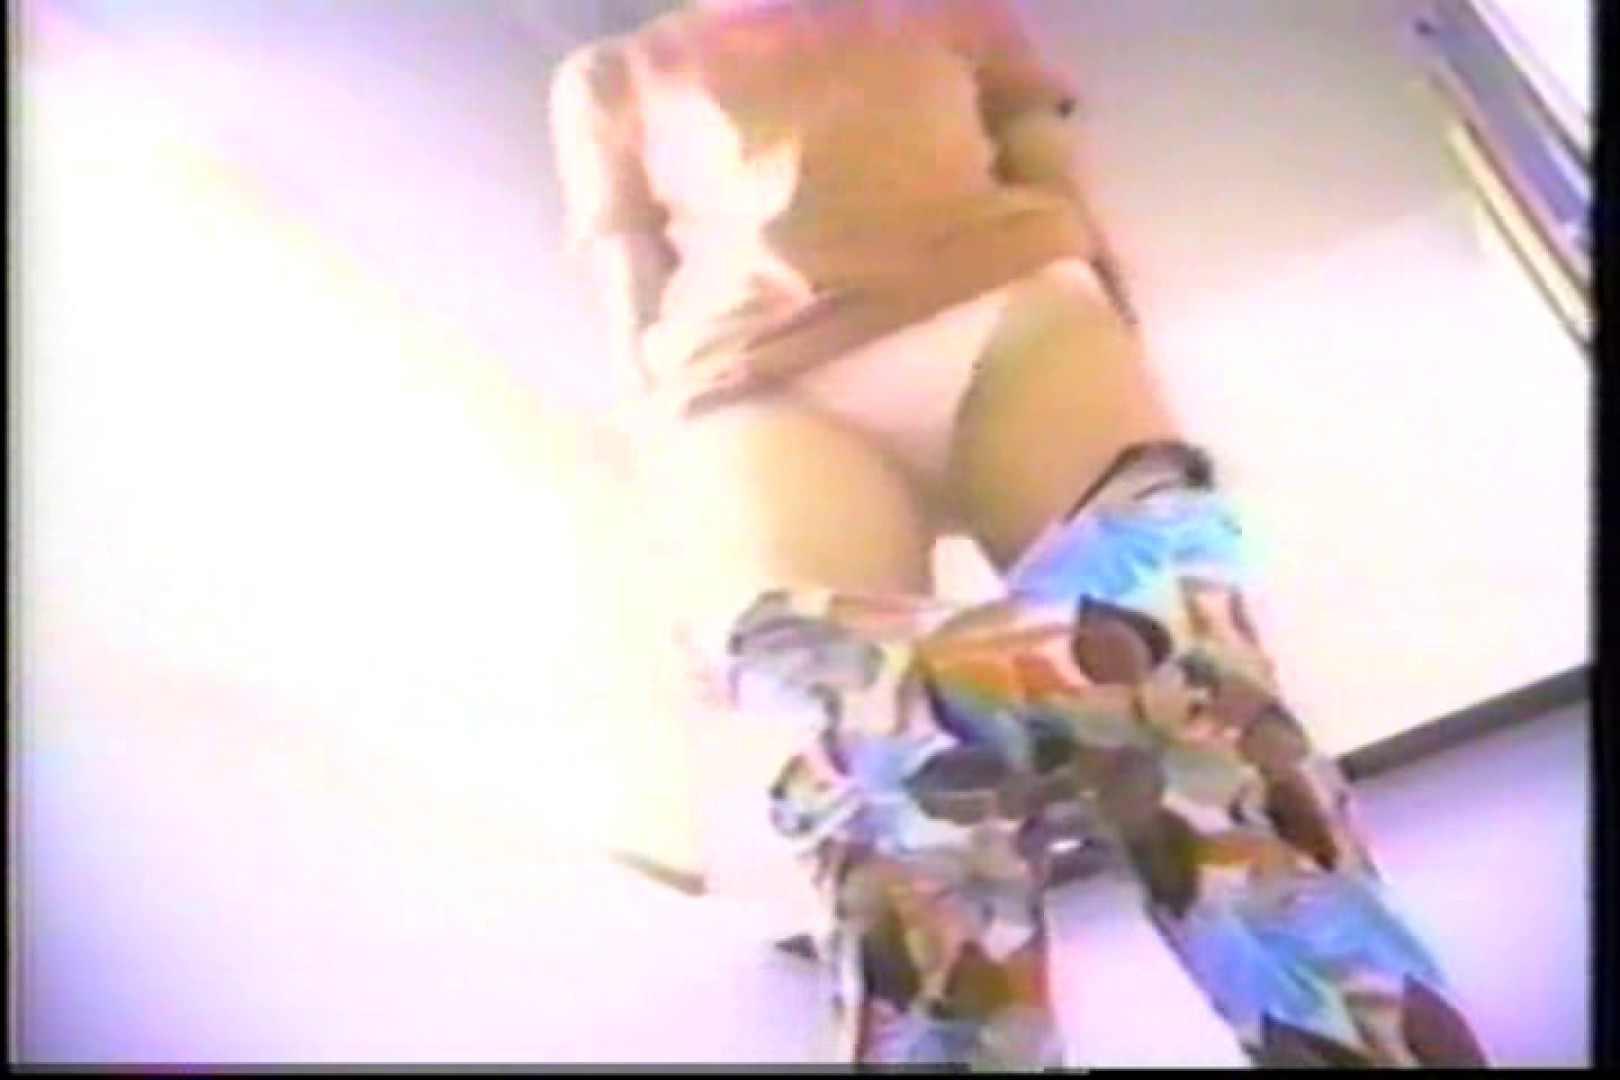 海の家の個室更衣室盗撮 全身全裸が丸見え TK-95 グループ乱行 AV無料動画キャプチャ 87PIX 4